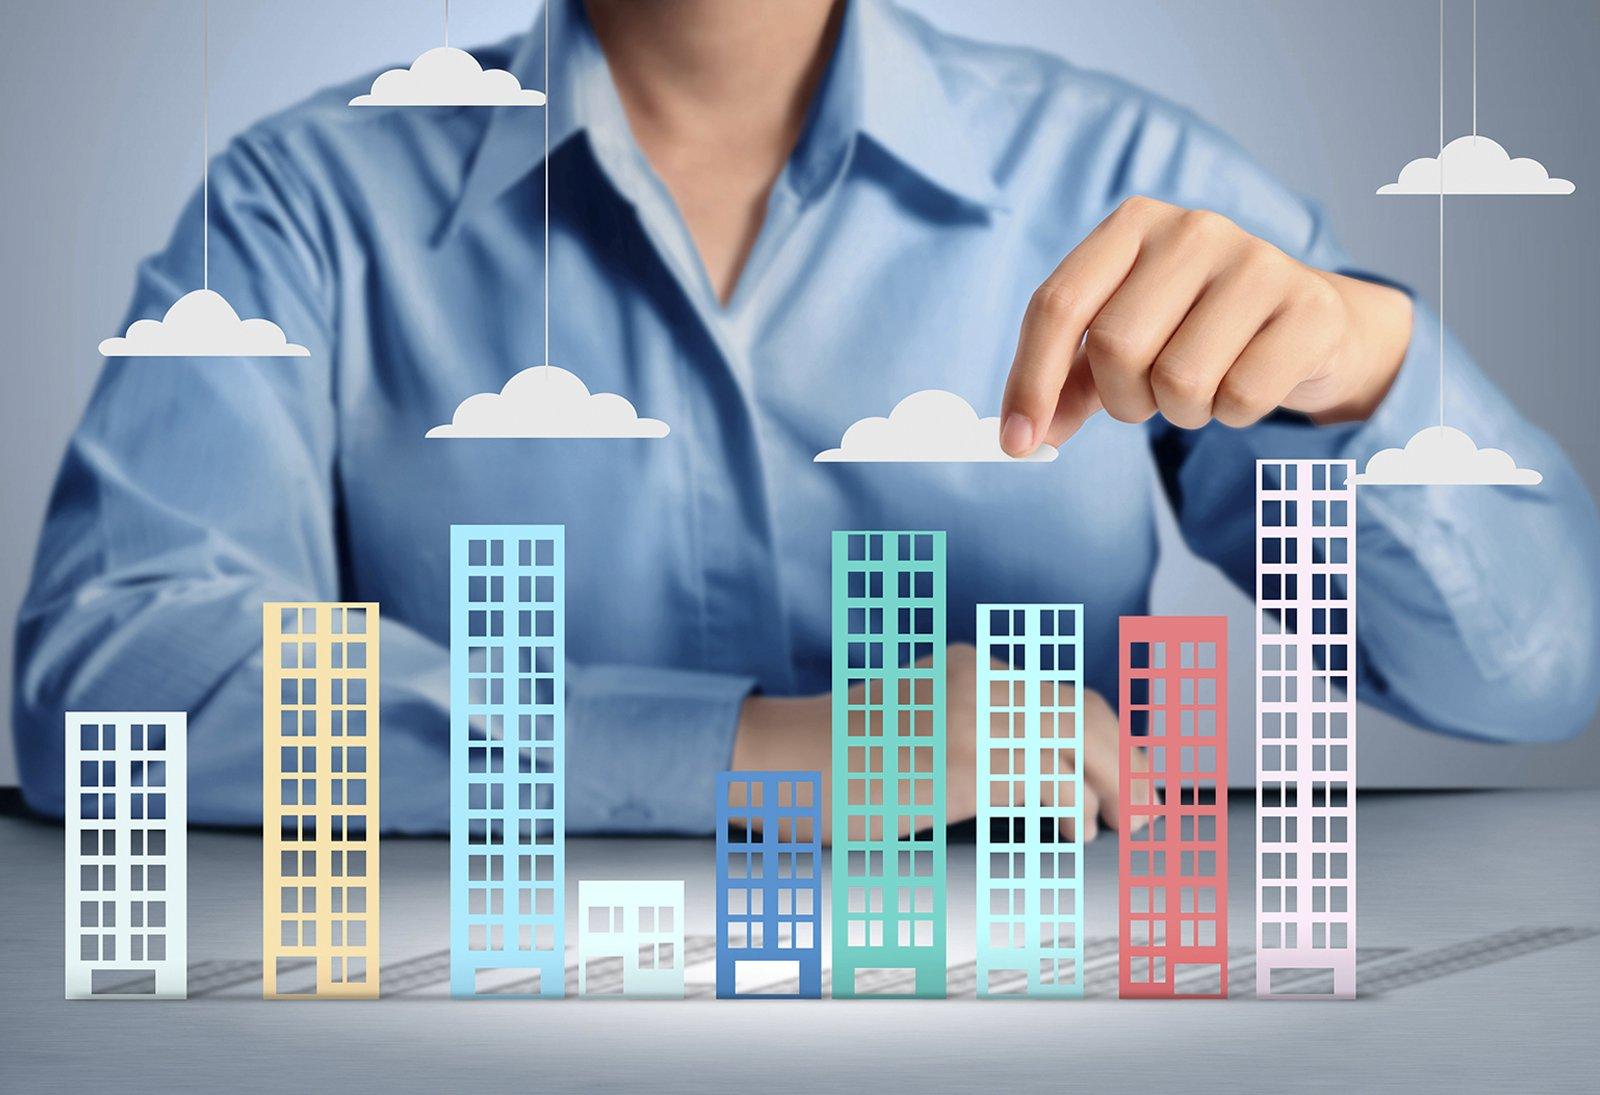 выбор квартиры - советы экспертов